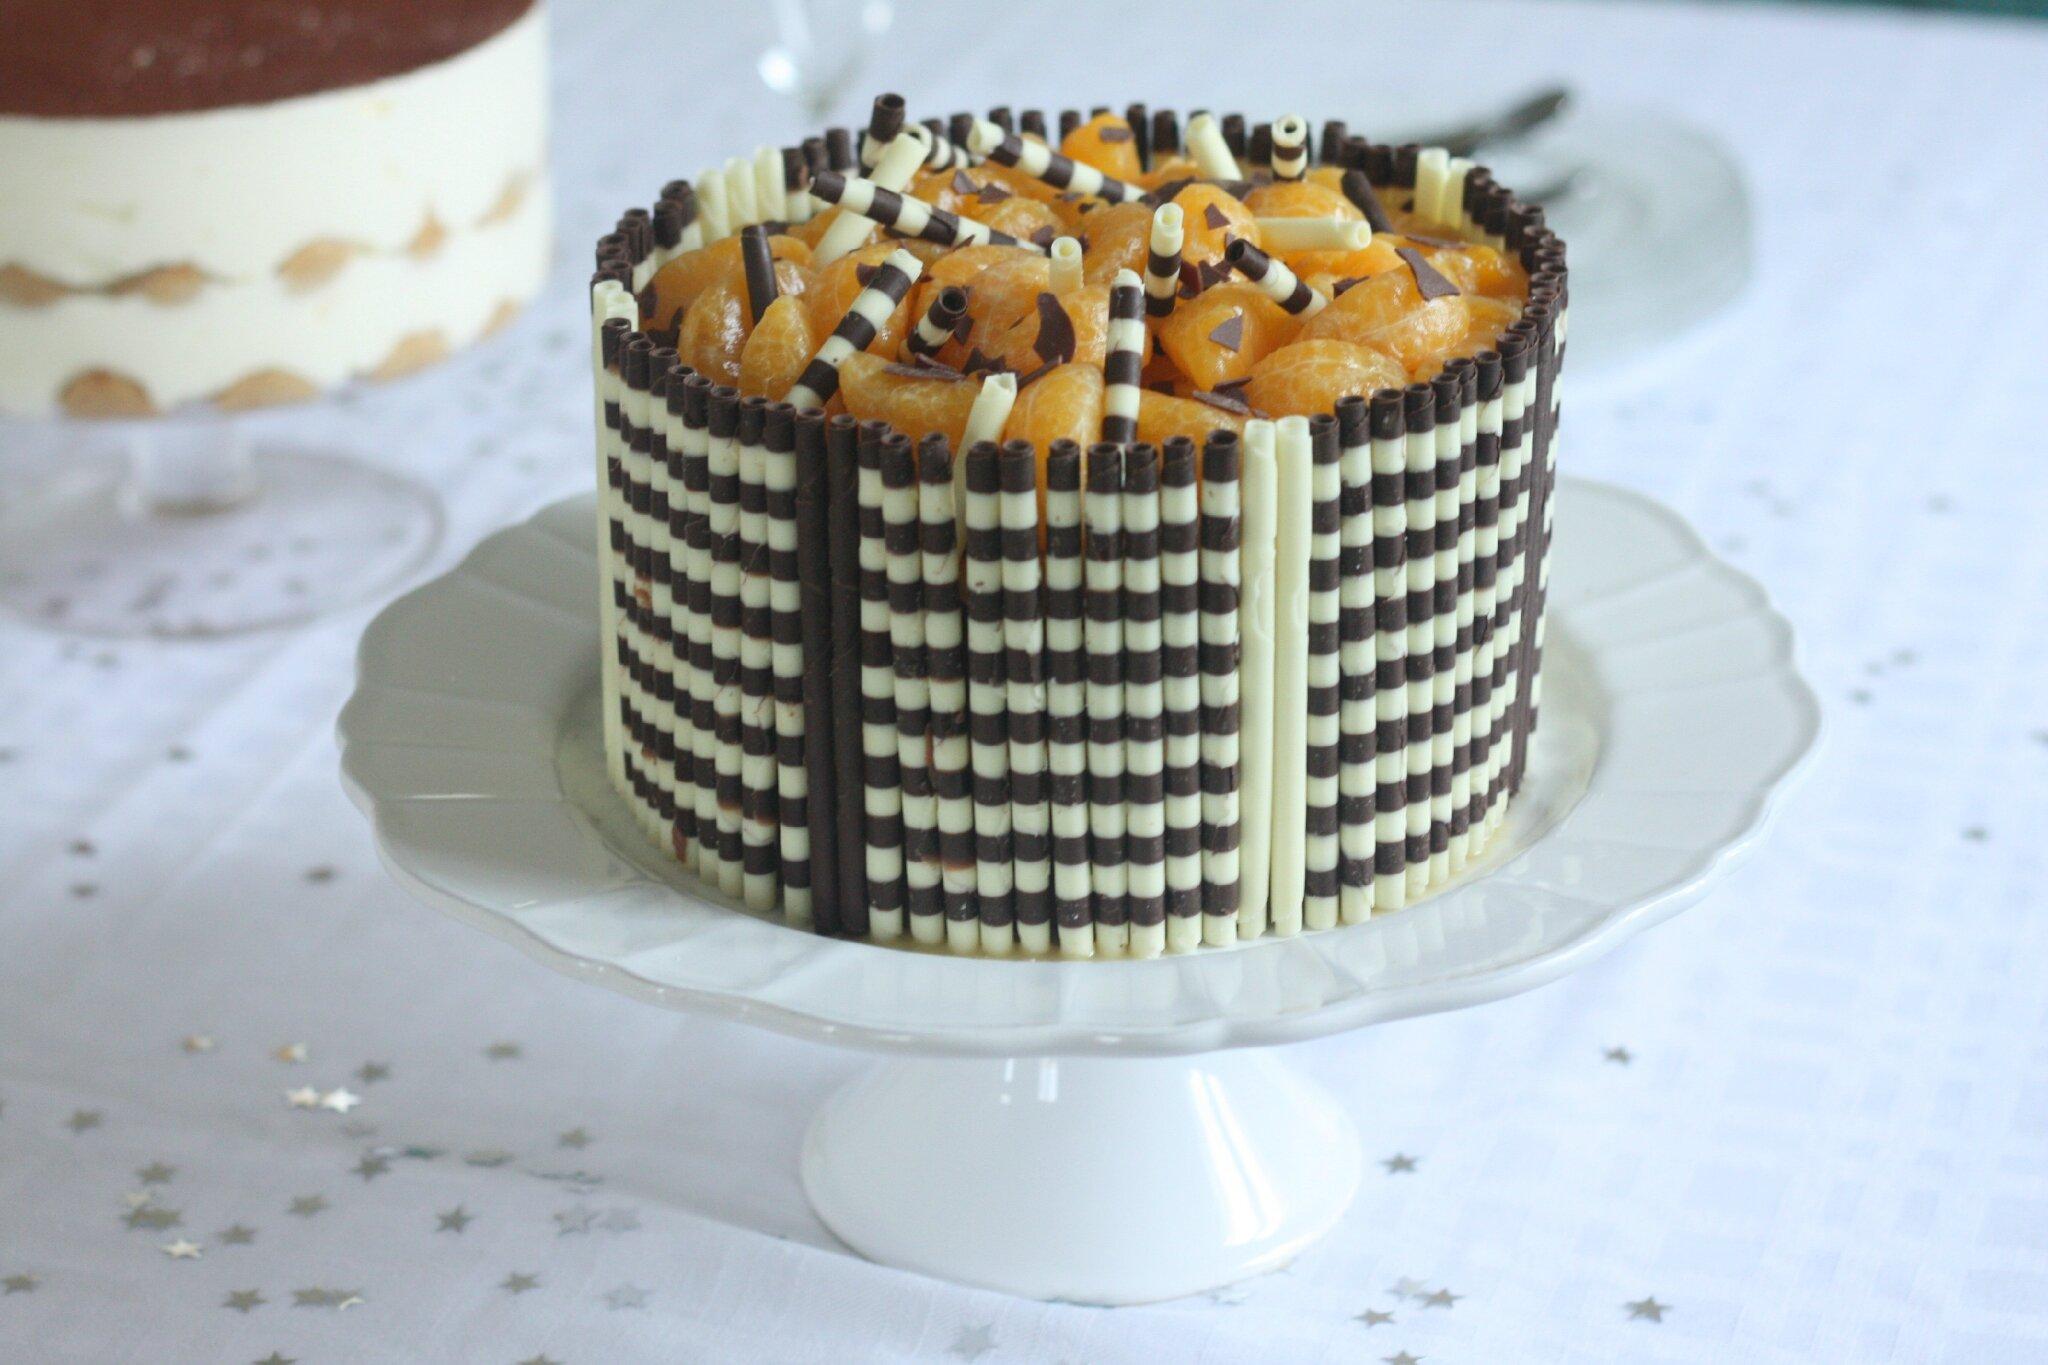 Gâteau Danniversaire Chocolat Clémentine Aussi Appelé Gâteau Cest